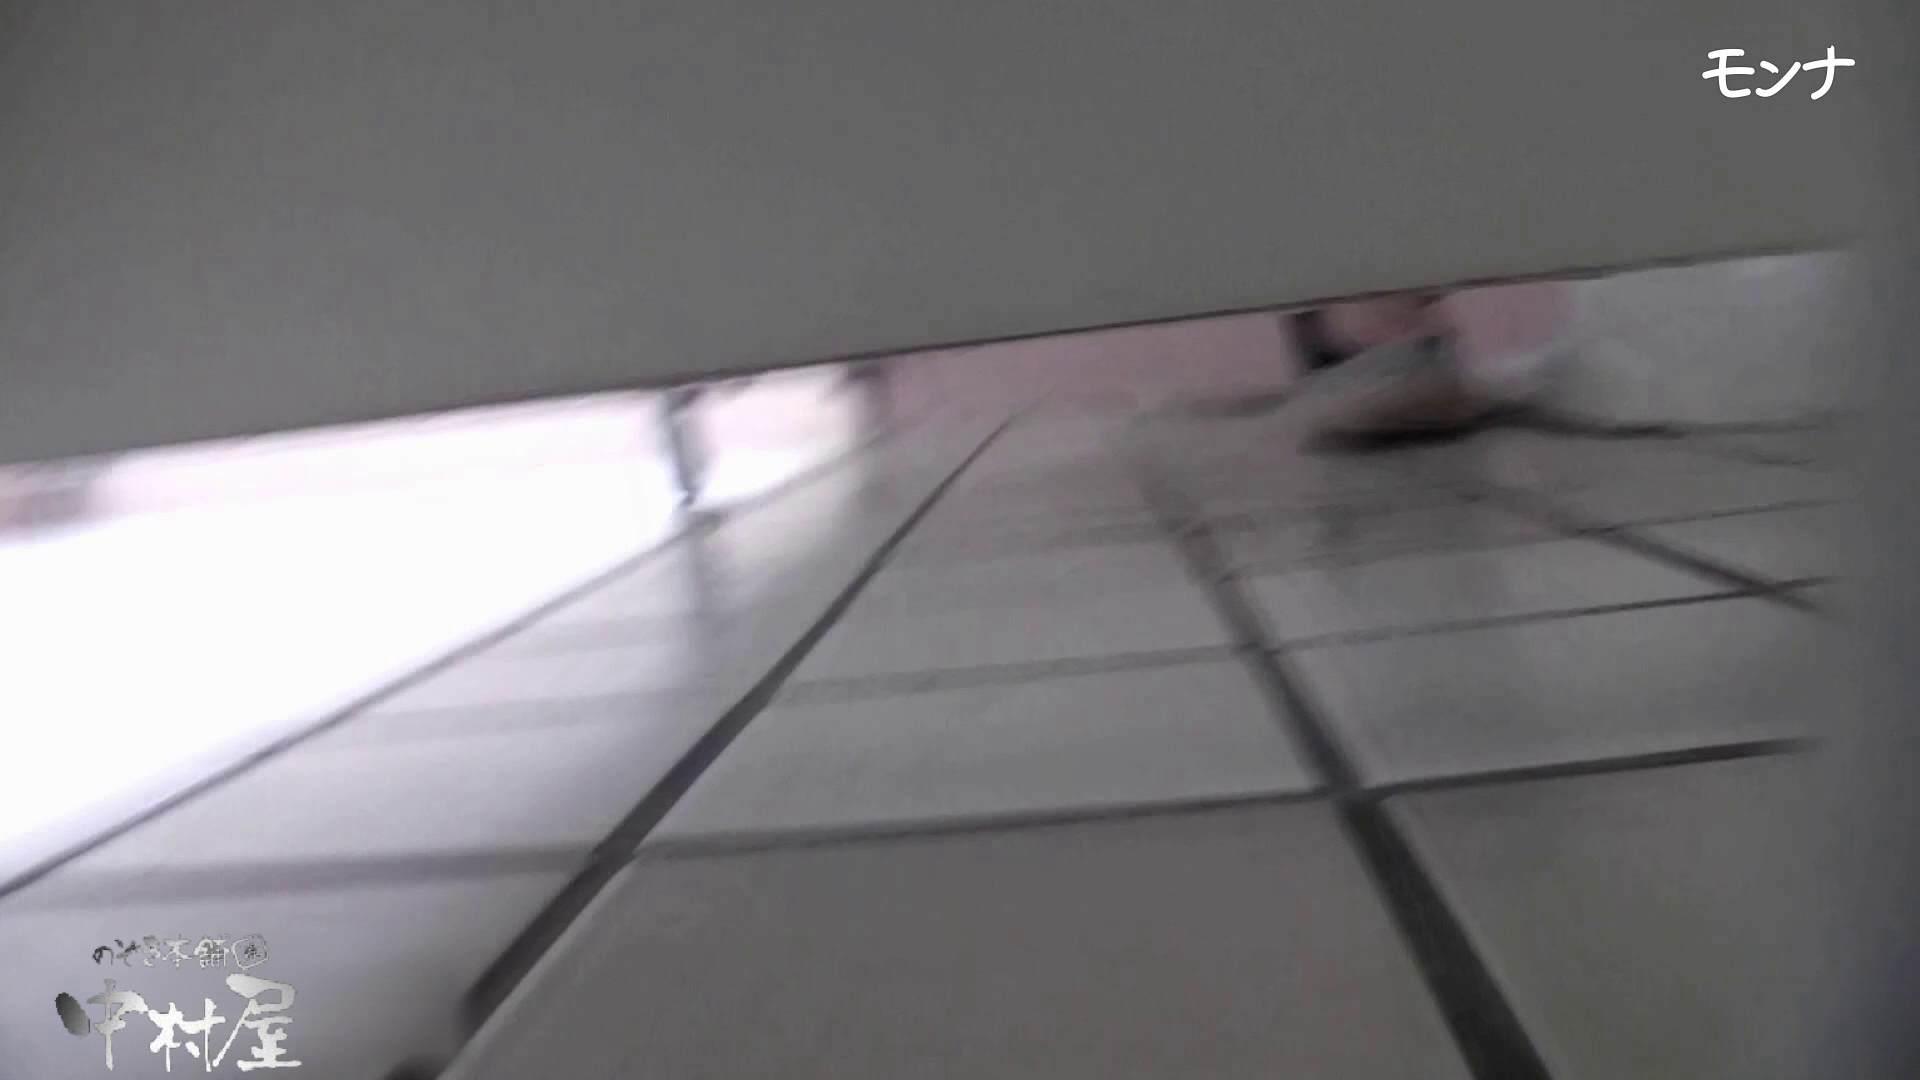 【美しい日本の未来】美しい日本の未来 No.73 自然なセクシーな仕草に感動中 覗き | マンコ・ムレムレ  89pic 61